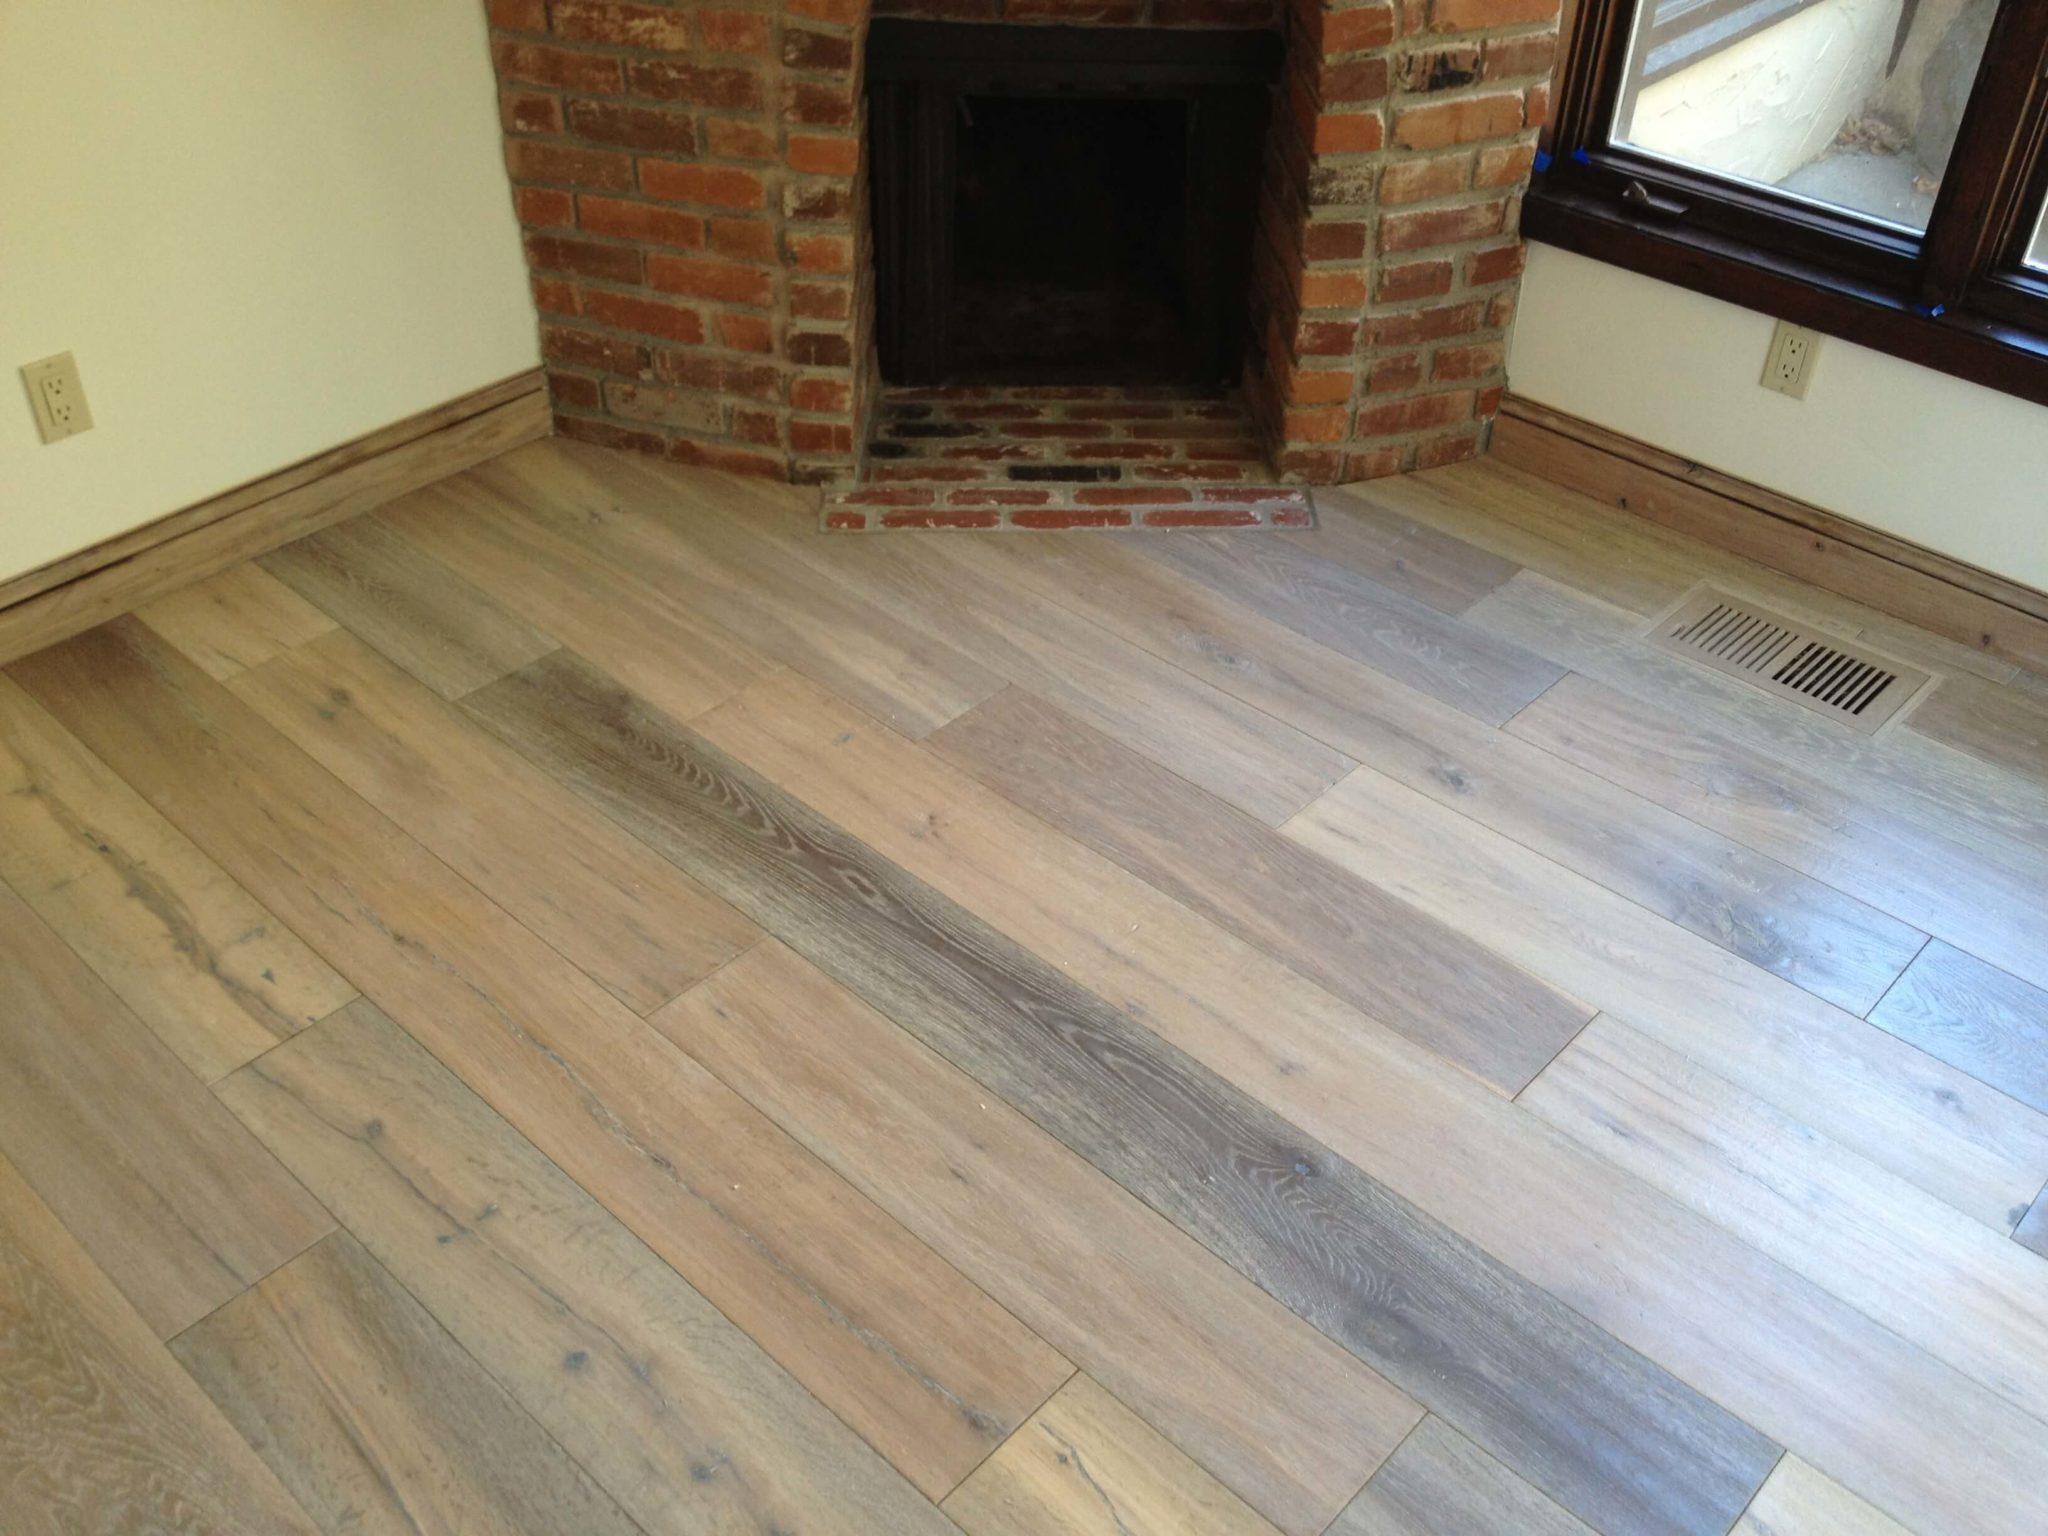 Hardwood floors for less 28 images 28 best white for Hardwood floors slippery